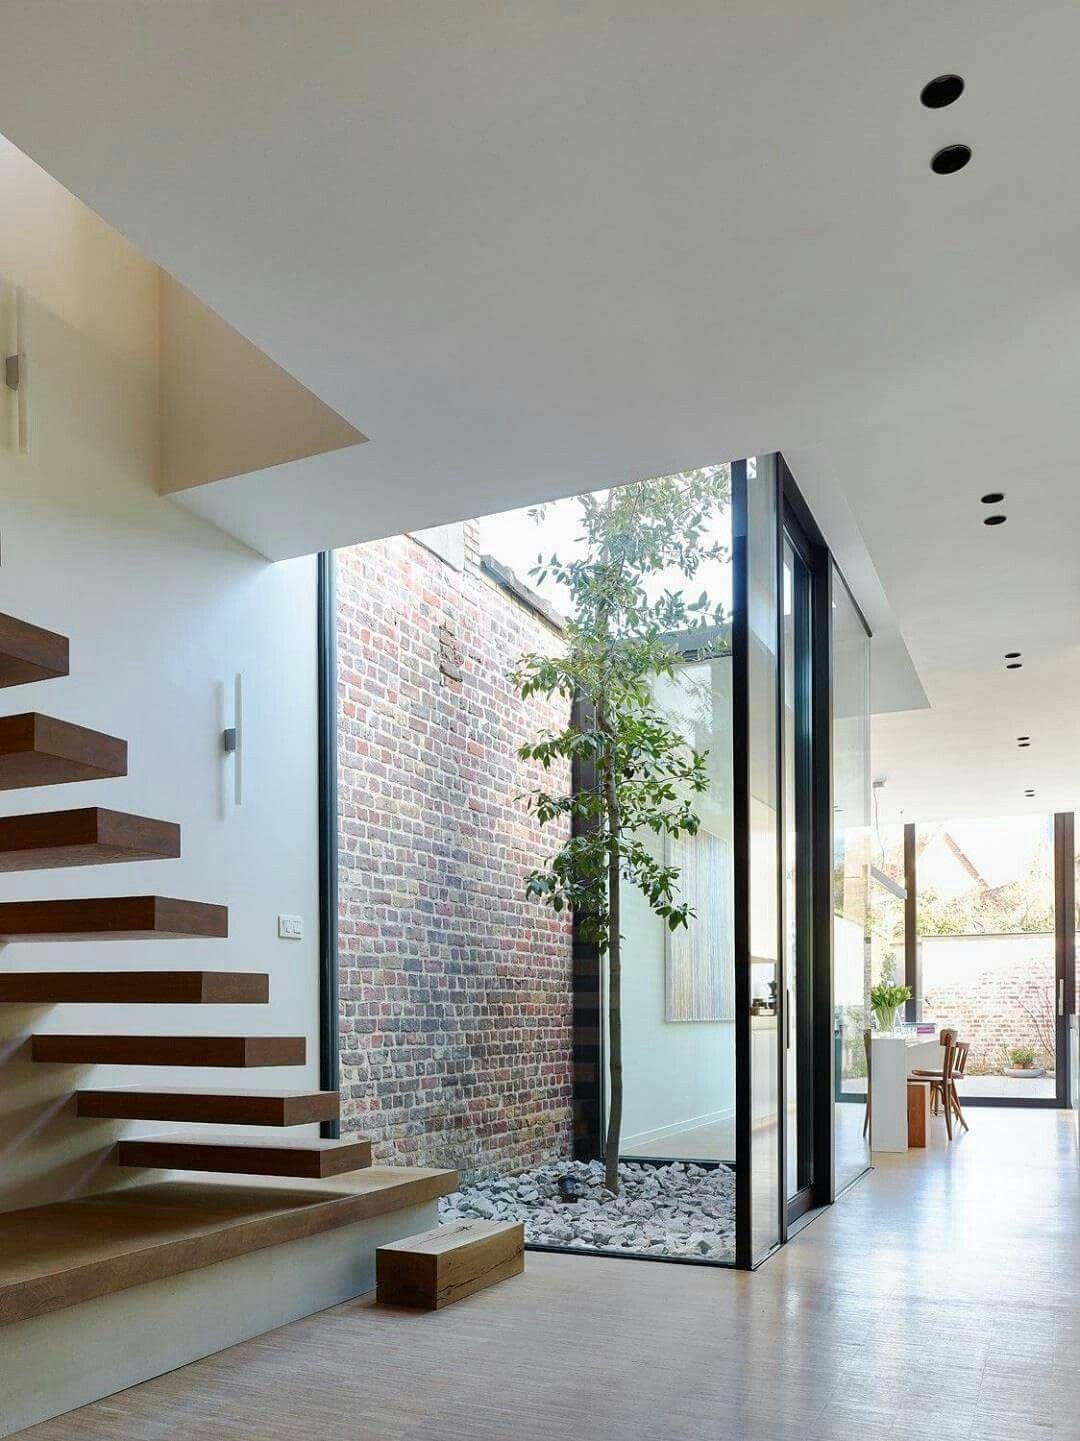 Puits de lumière Micro patio Interieur maison design